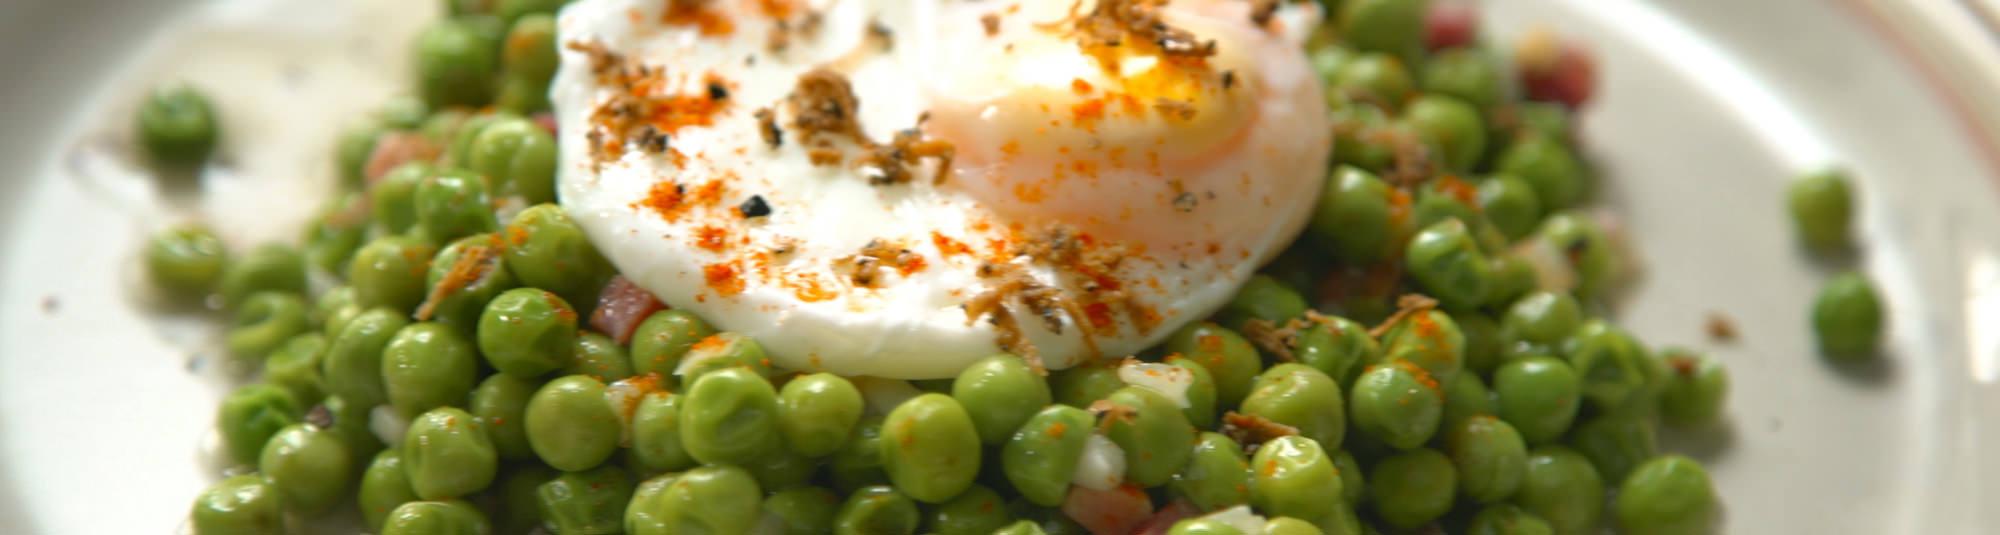 Guisantes con huevo pochado Findus 1024 x 274